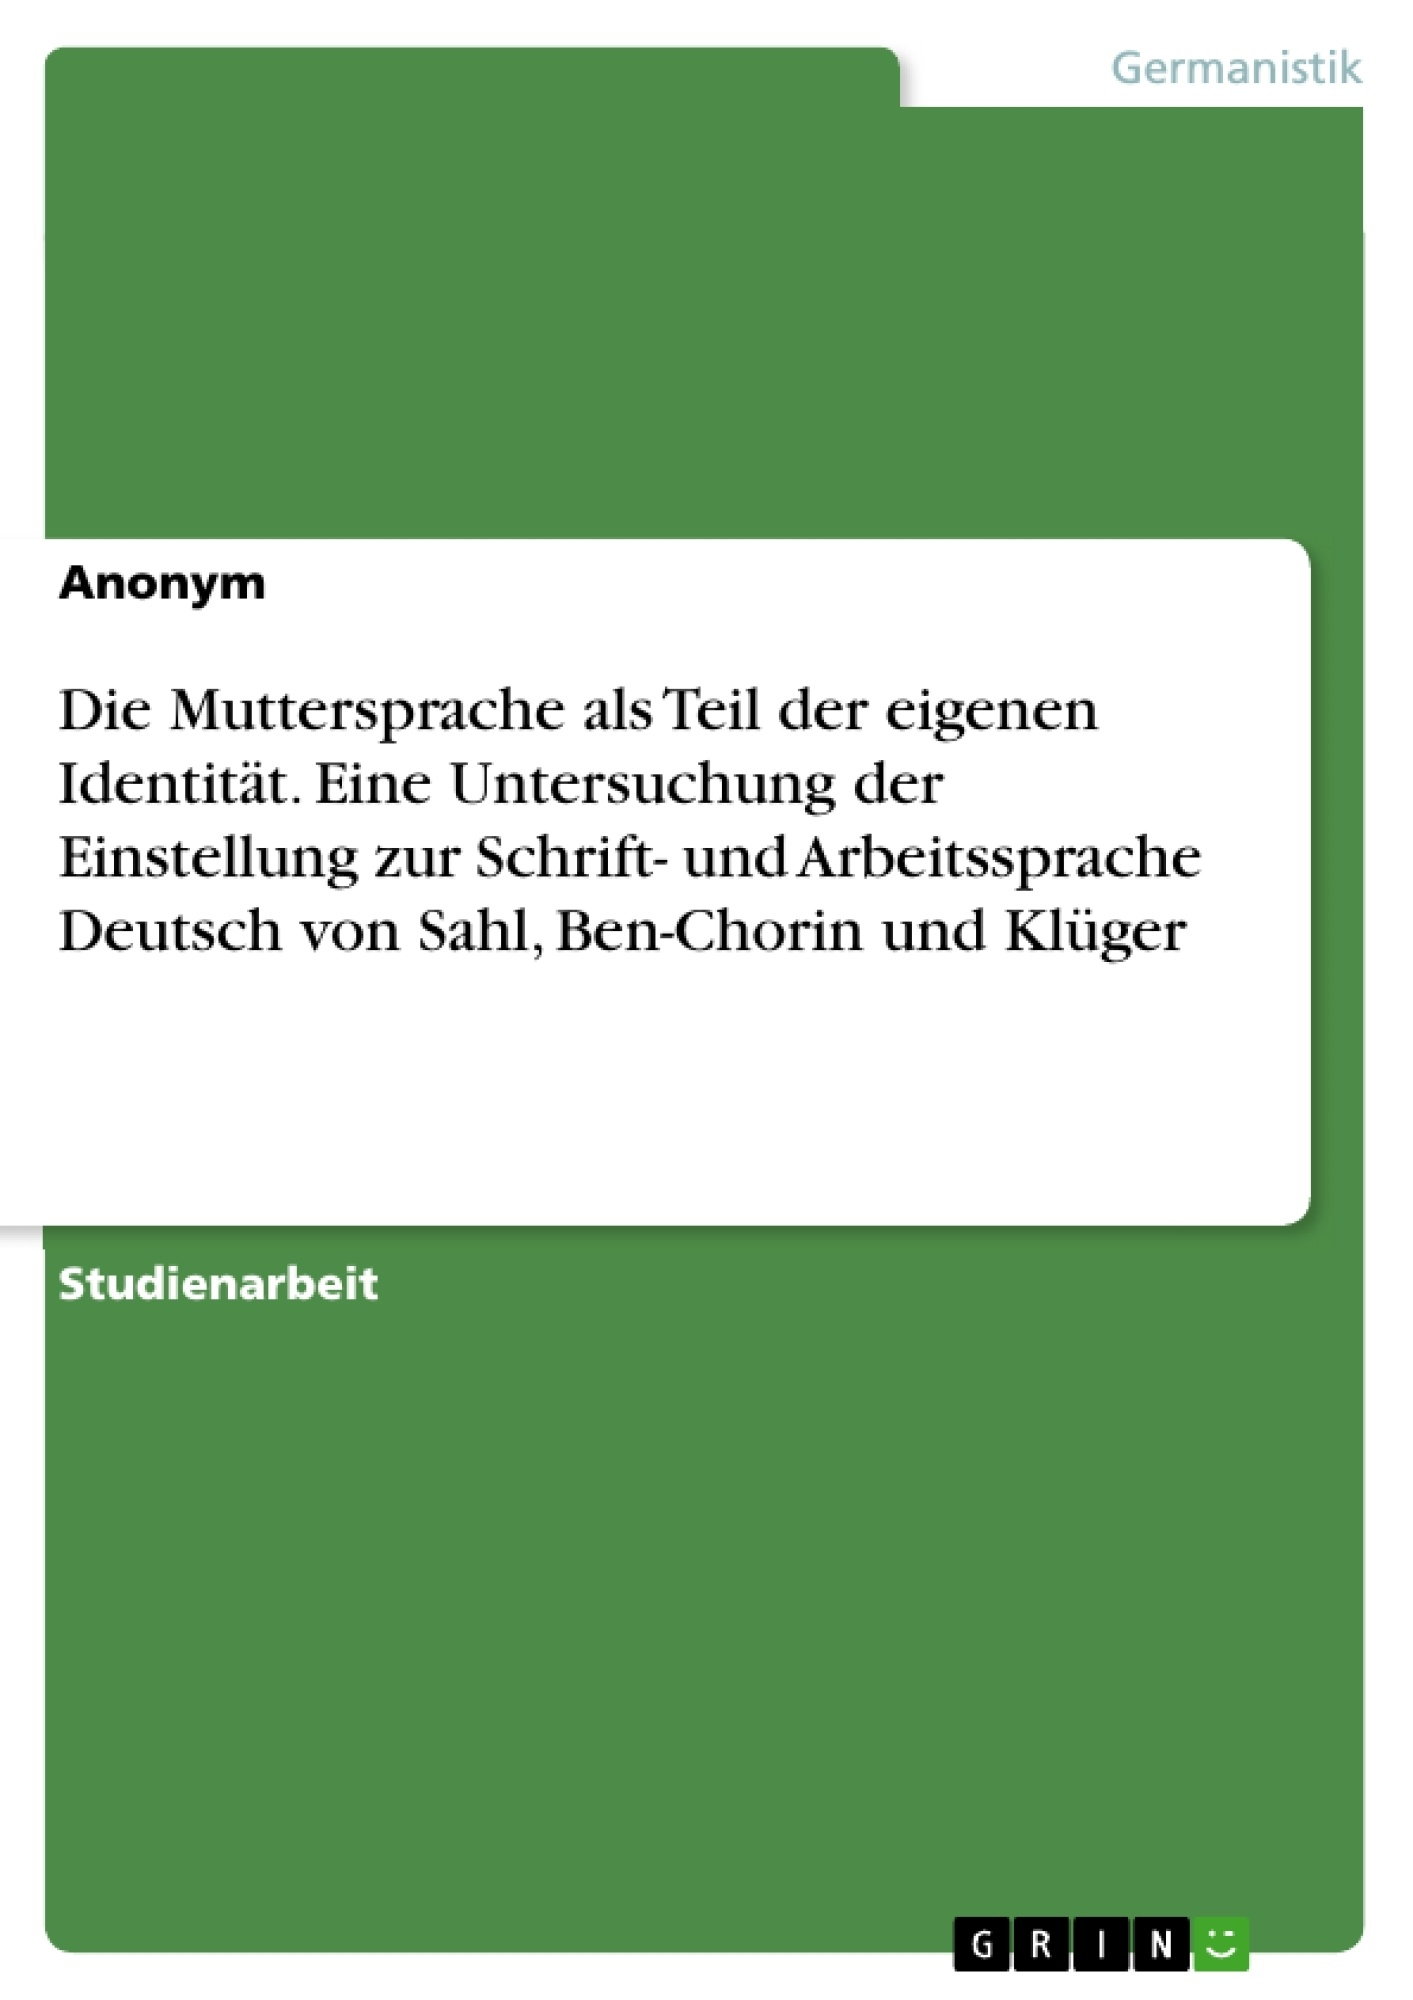 Titel: Die Muttersprache als Teil der eigenen Identität. Eine Untersuchung der Einstellung zur Schrift- und Arbeitssprache Deutsch von Sahl, Ben-Chorin und Klüger